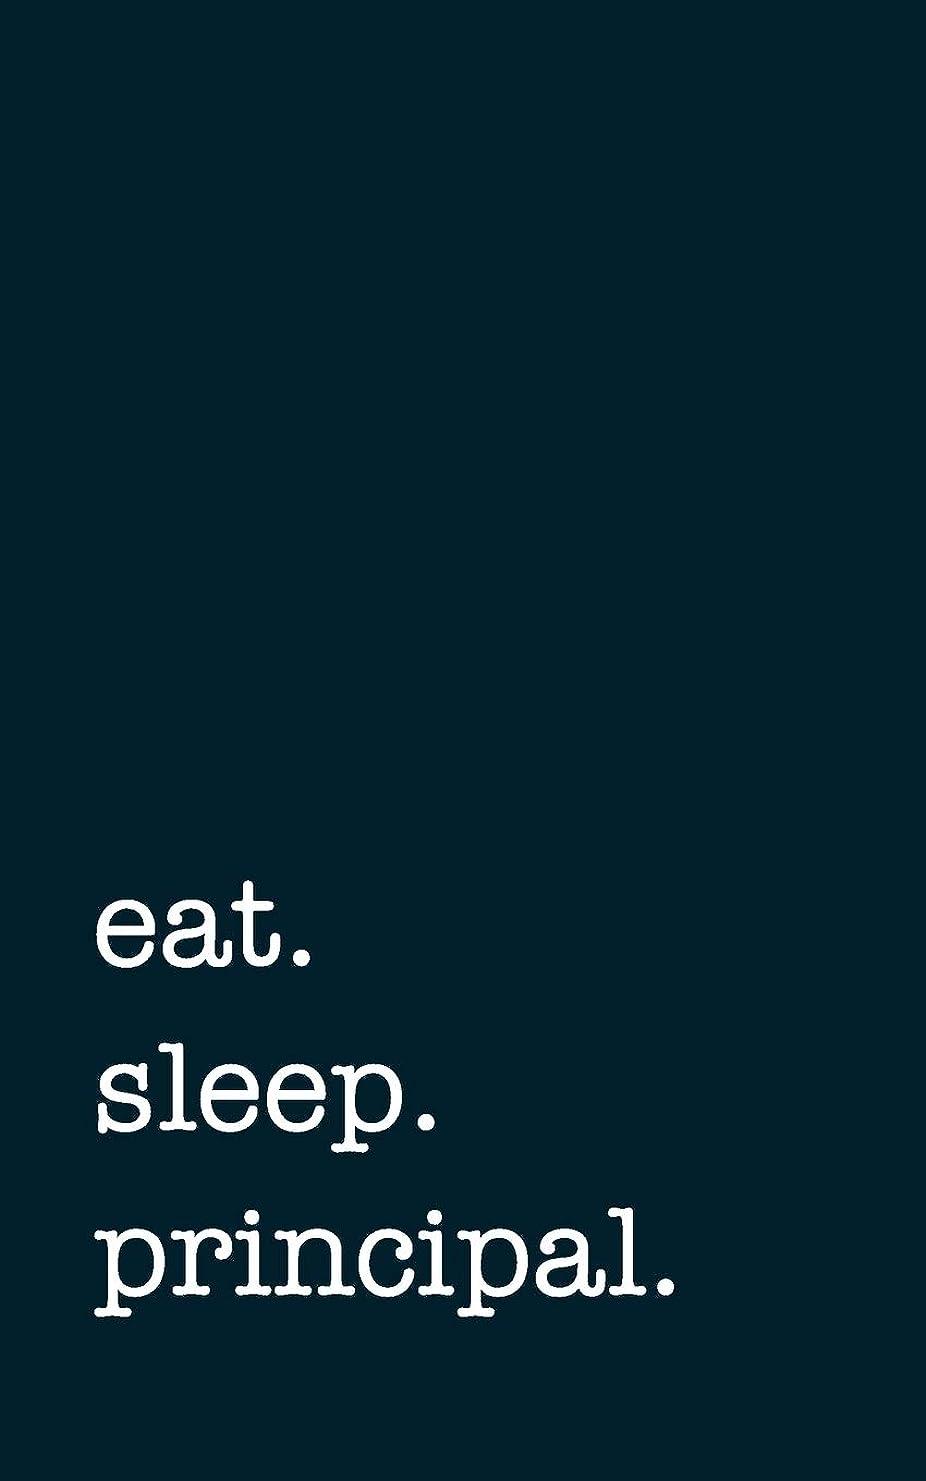 トイレこんにちは上院eat. sleep. principal. - Lined Notebook: Writing Journal for School Principals